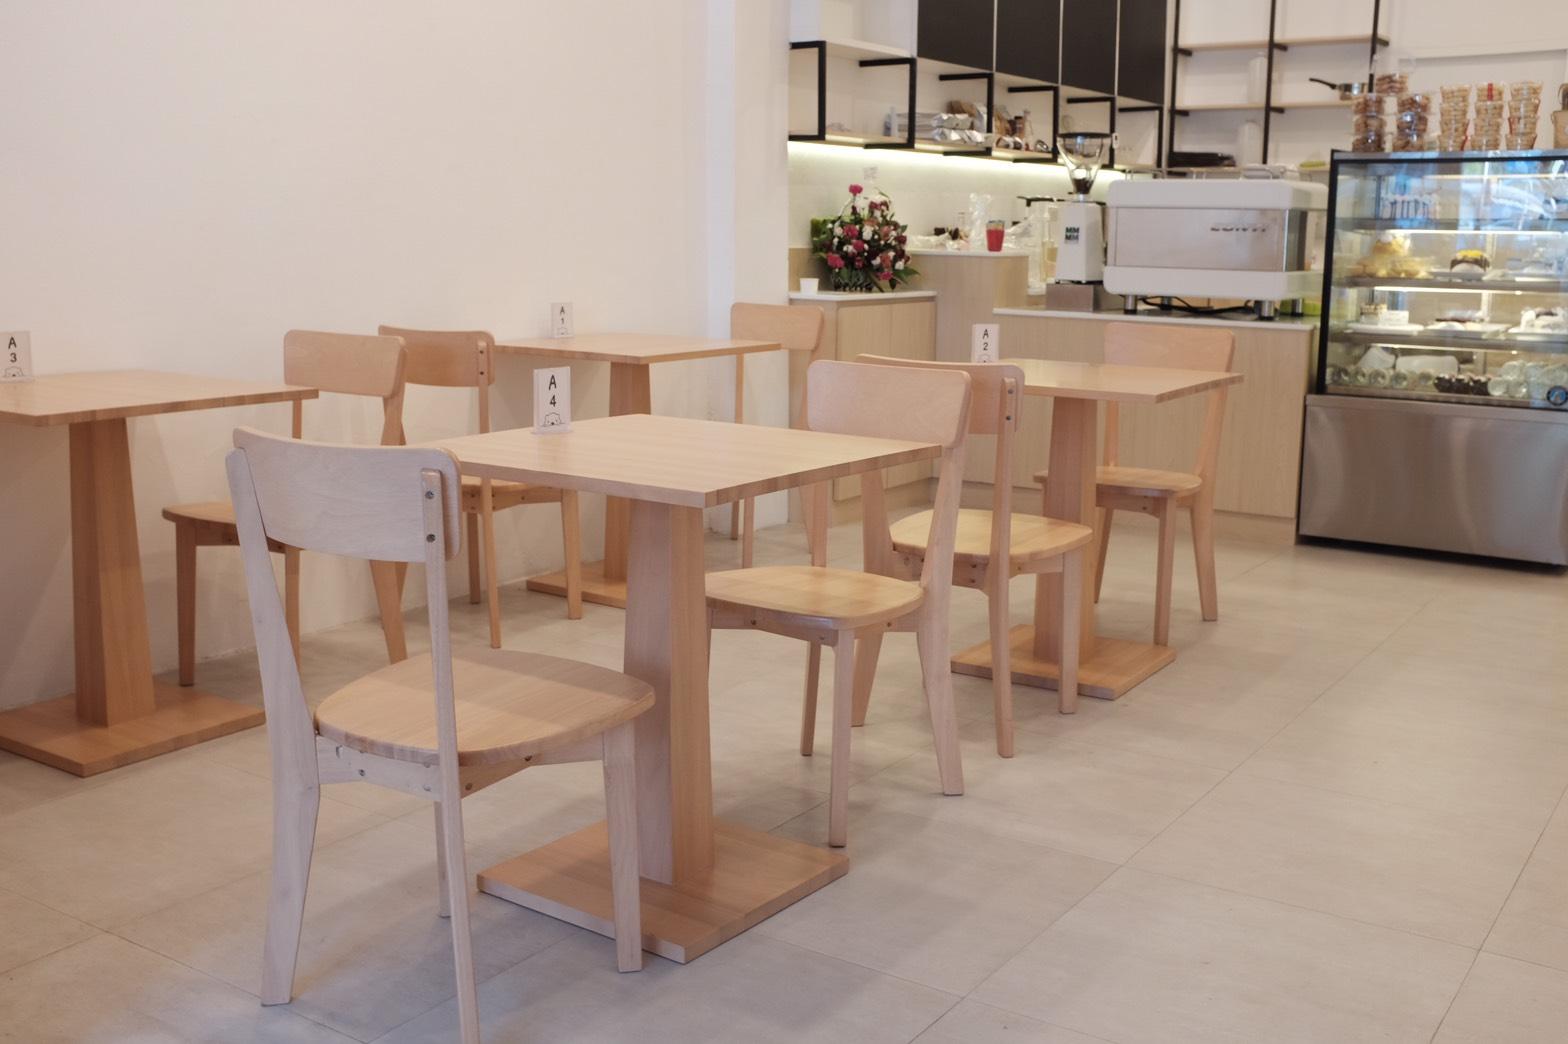 โต๊ะกาแฟดีไซน์ฐานไม้ ดีไซน์เก๋ สำหรับร้านกาแฟ ร้านเบเกอรี่